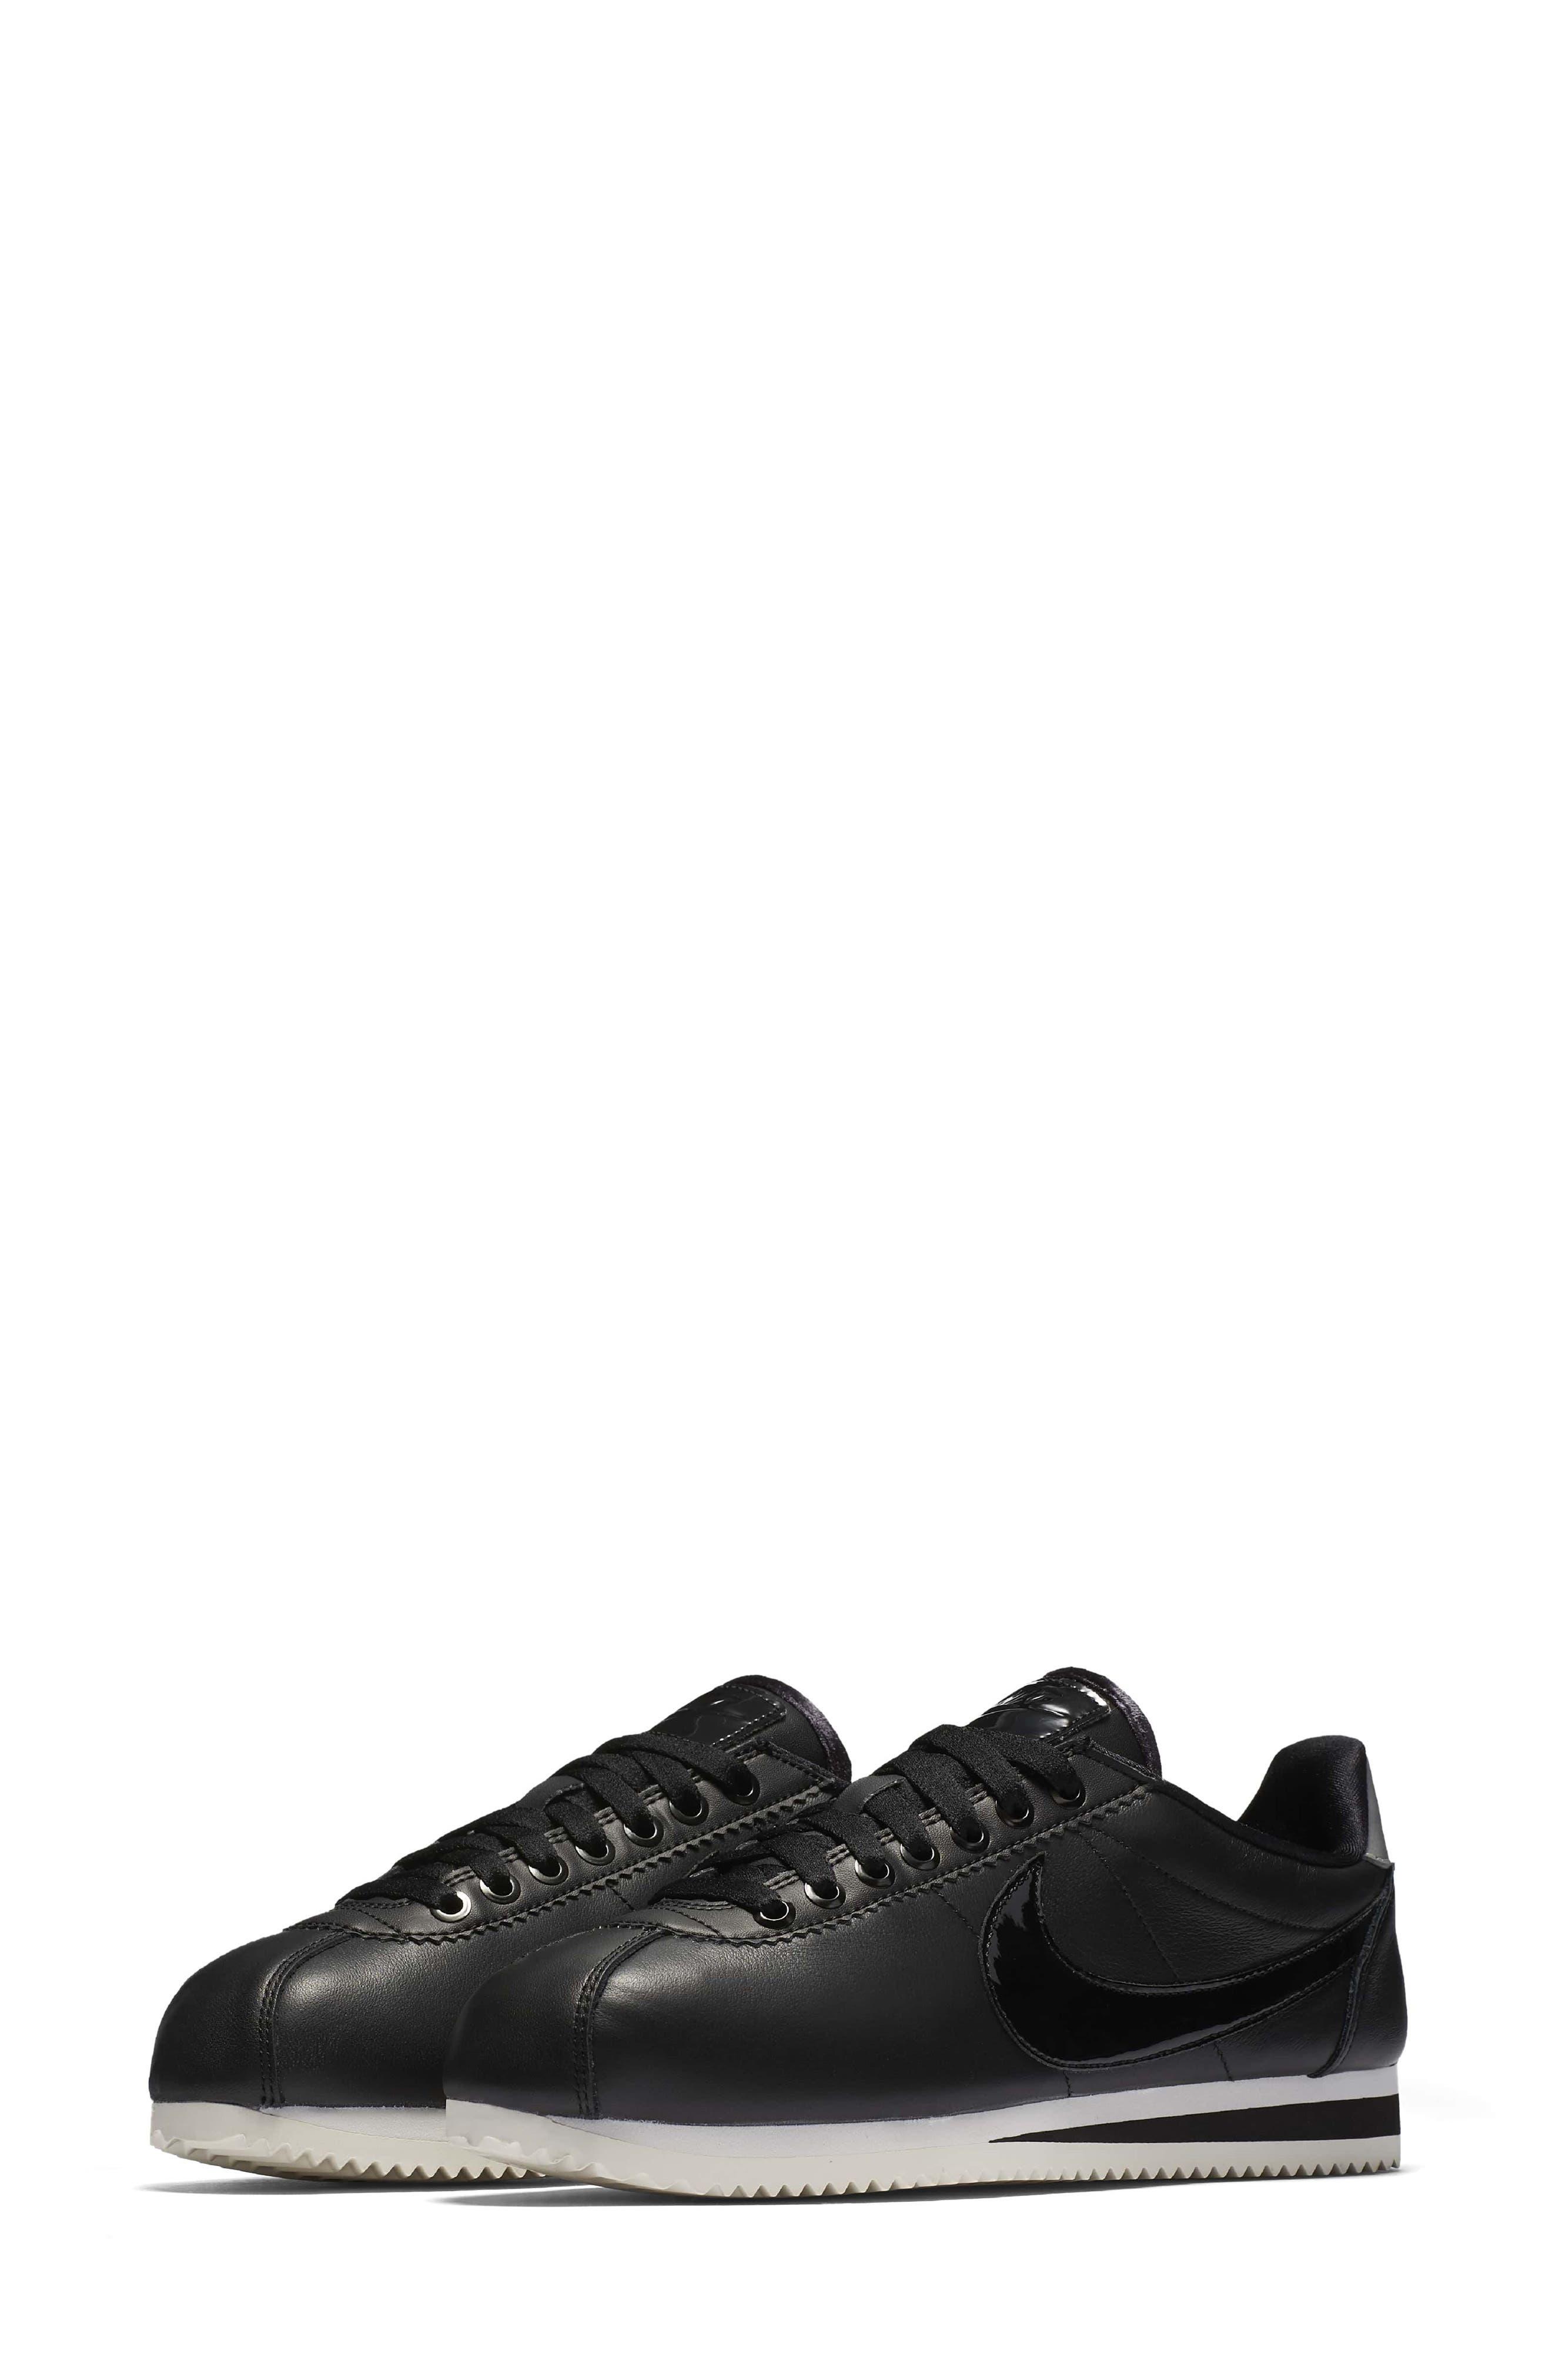 Classic Cortez SE Premium Sneaker,                         Main,                         color, Black/ Black Reflect Silver